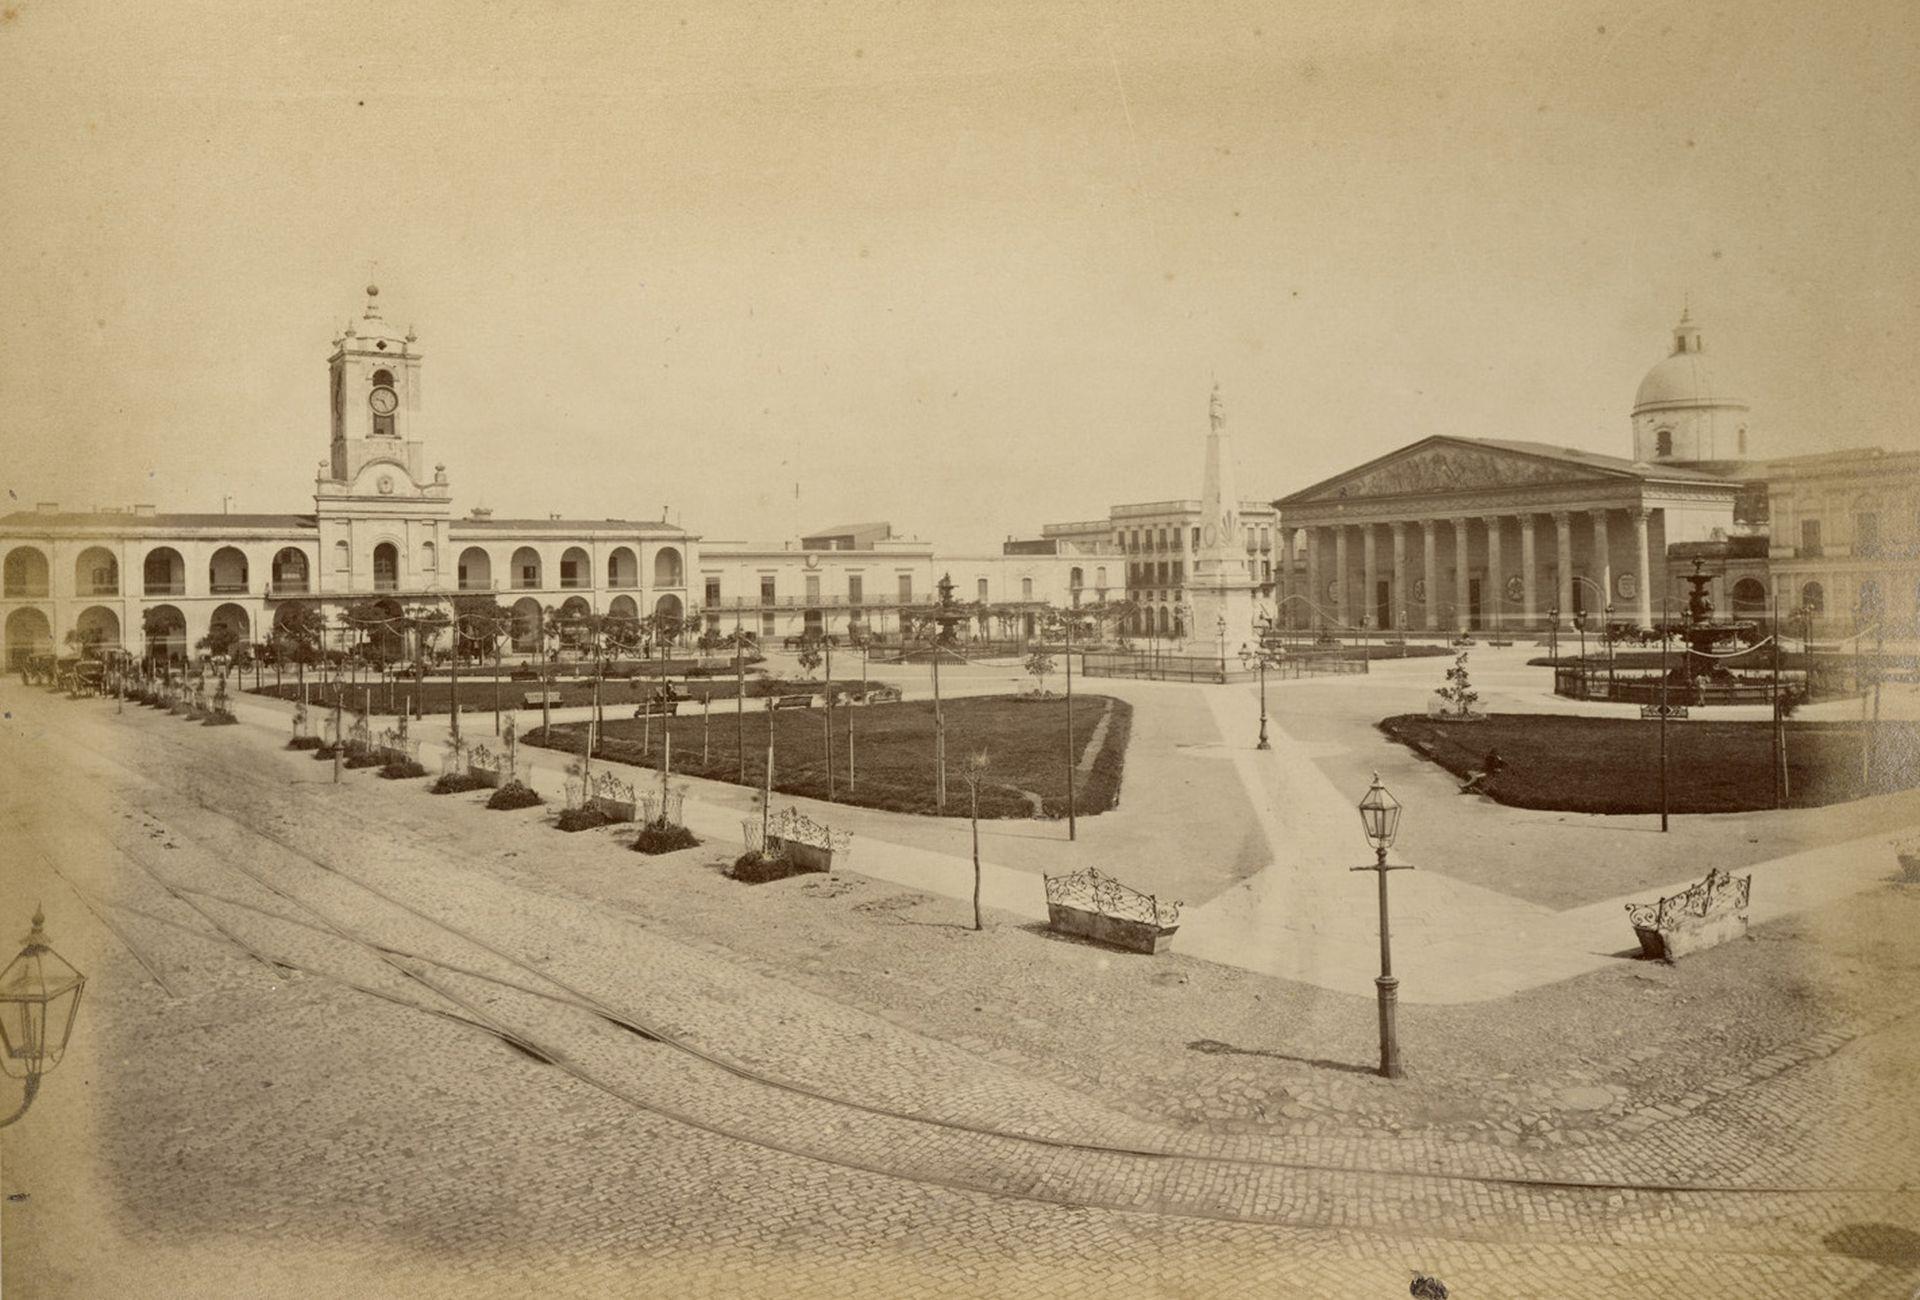 La Plaza de la Victoria, luego Plaza de Mayo, luego de las transformaciones de 1870. A un par de cuadras, en una mesa de ruleta, un conflicto derivó en el duelo.